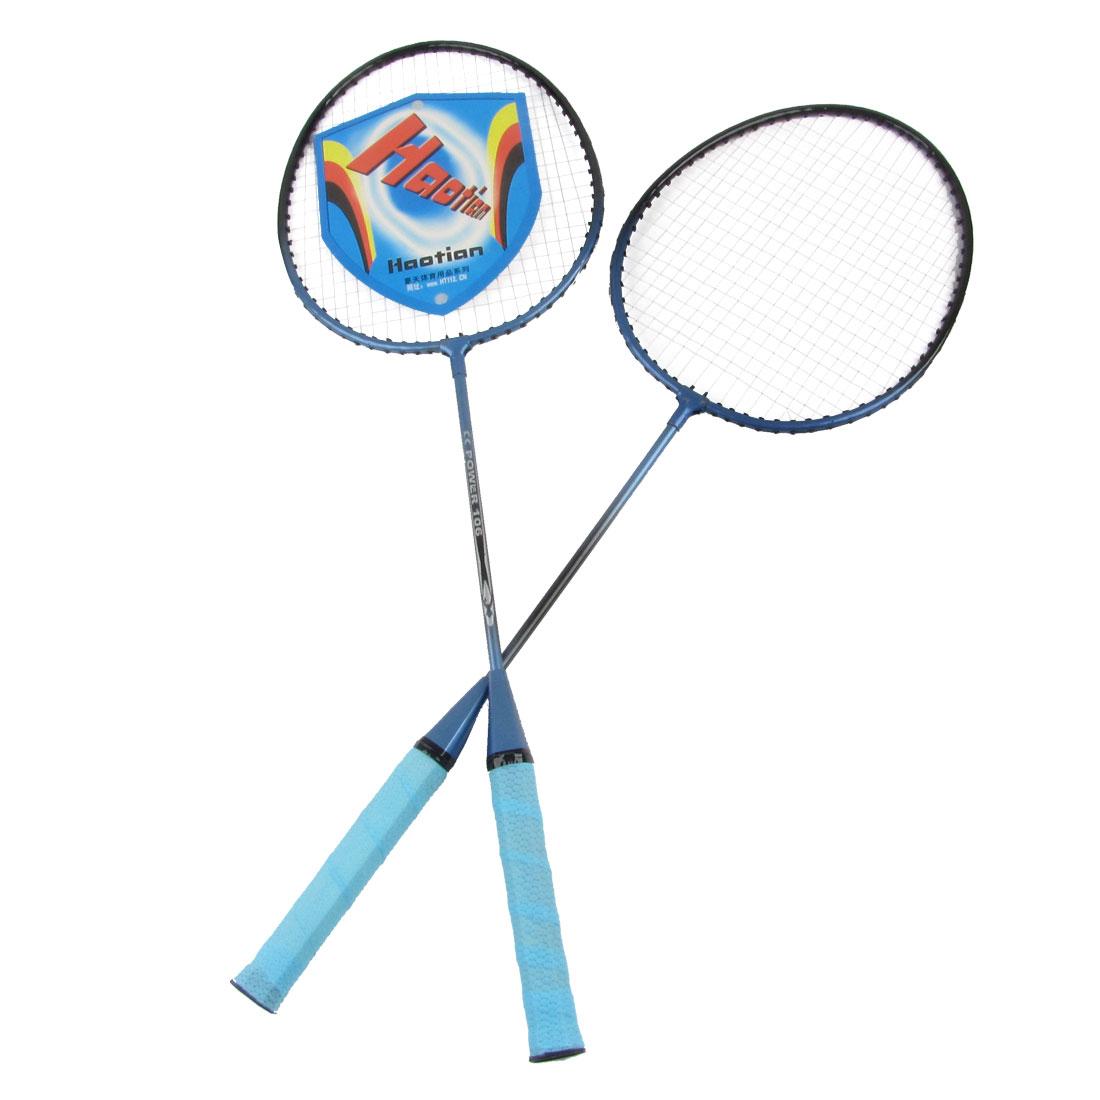 Pair Nonslip Handle Metal Frame Badminton Rackets Steel Blue w Storage Bag